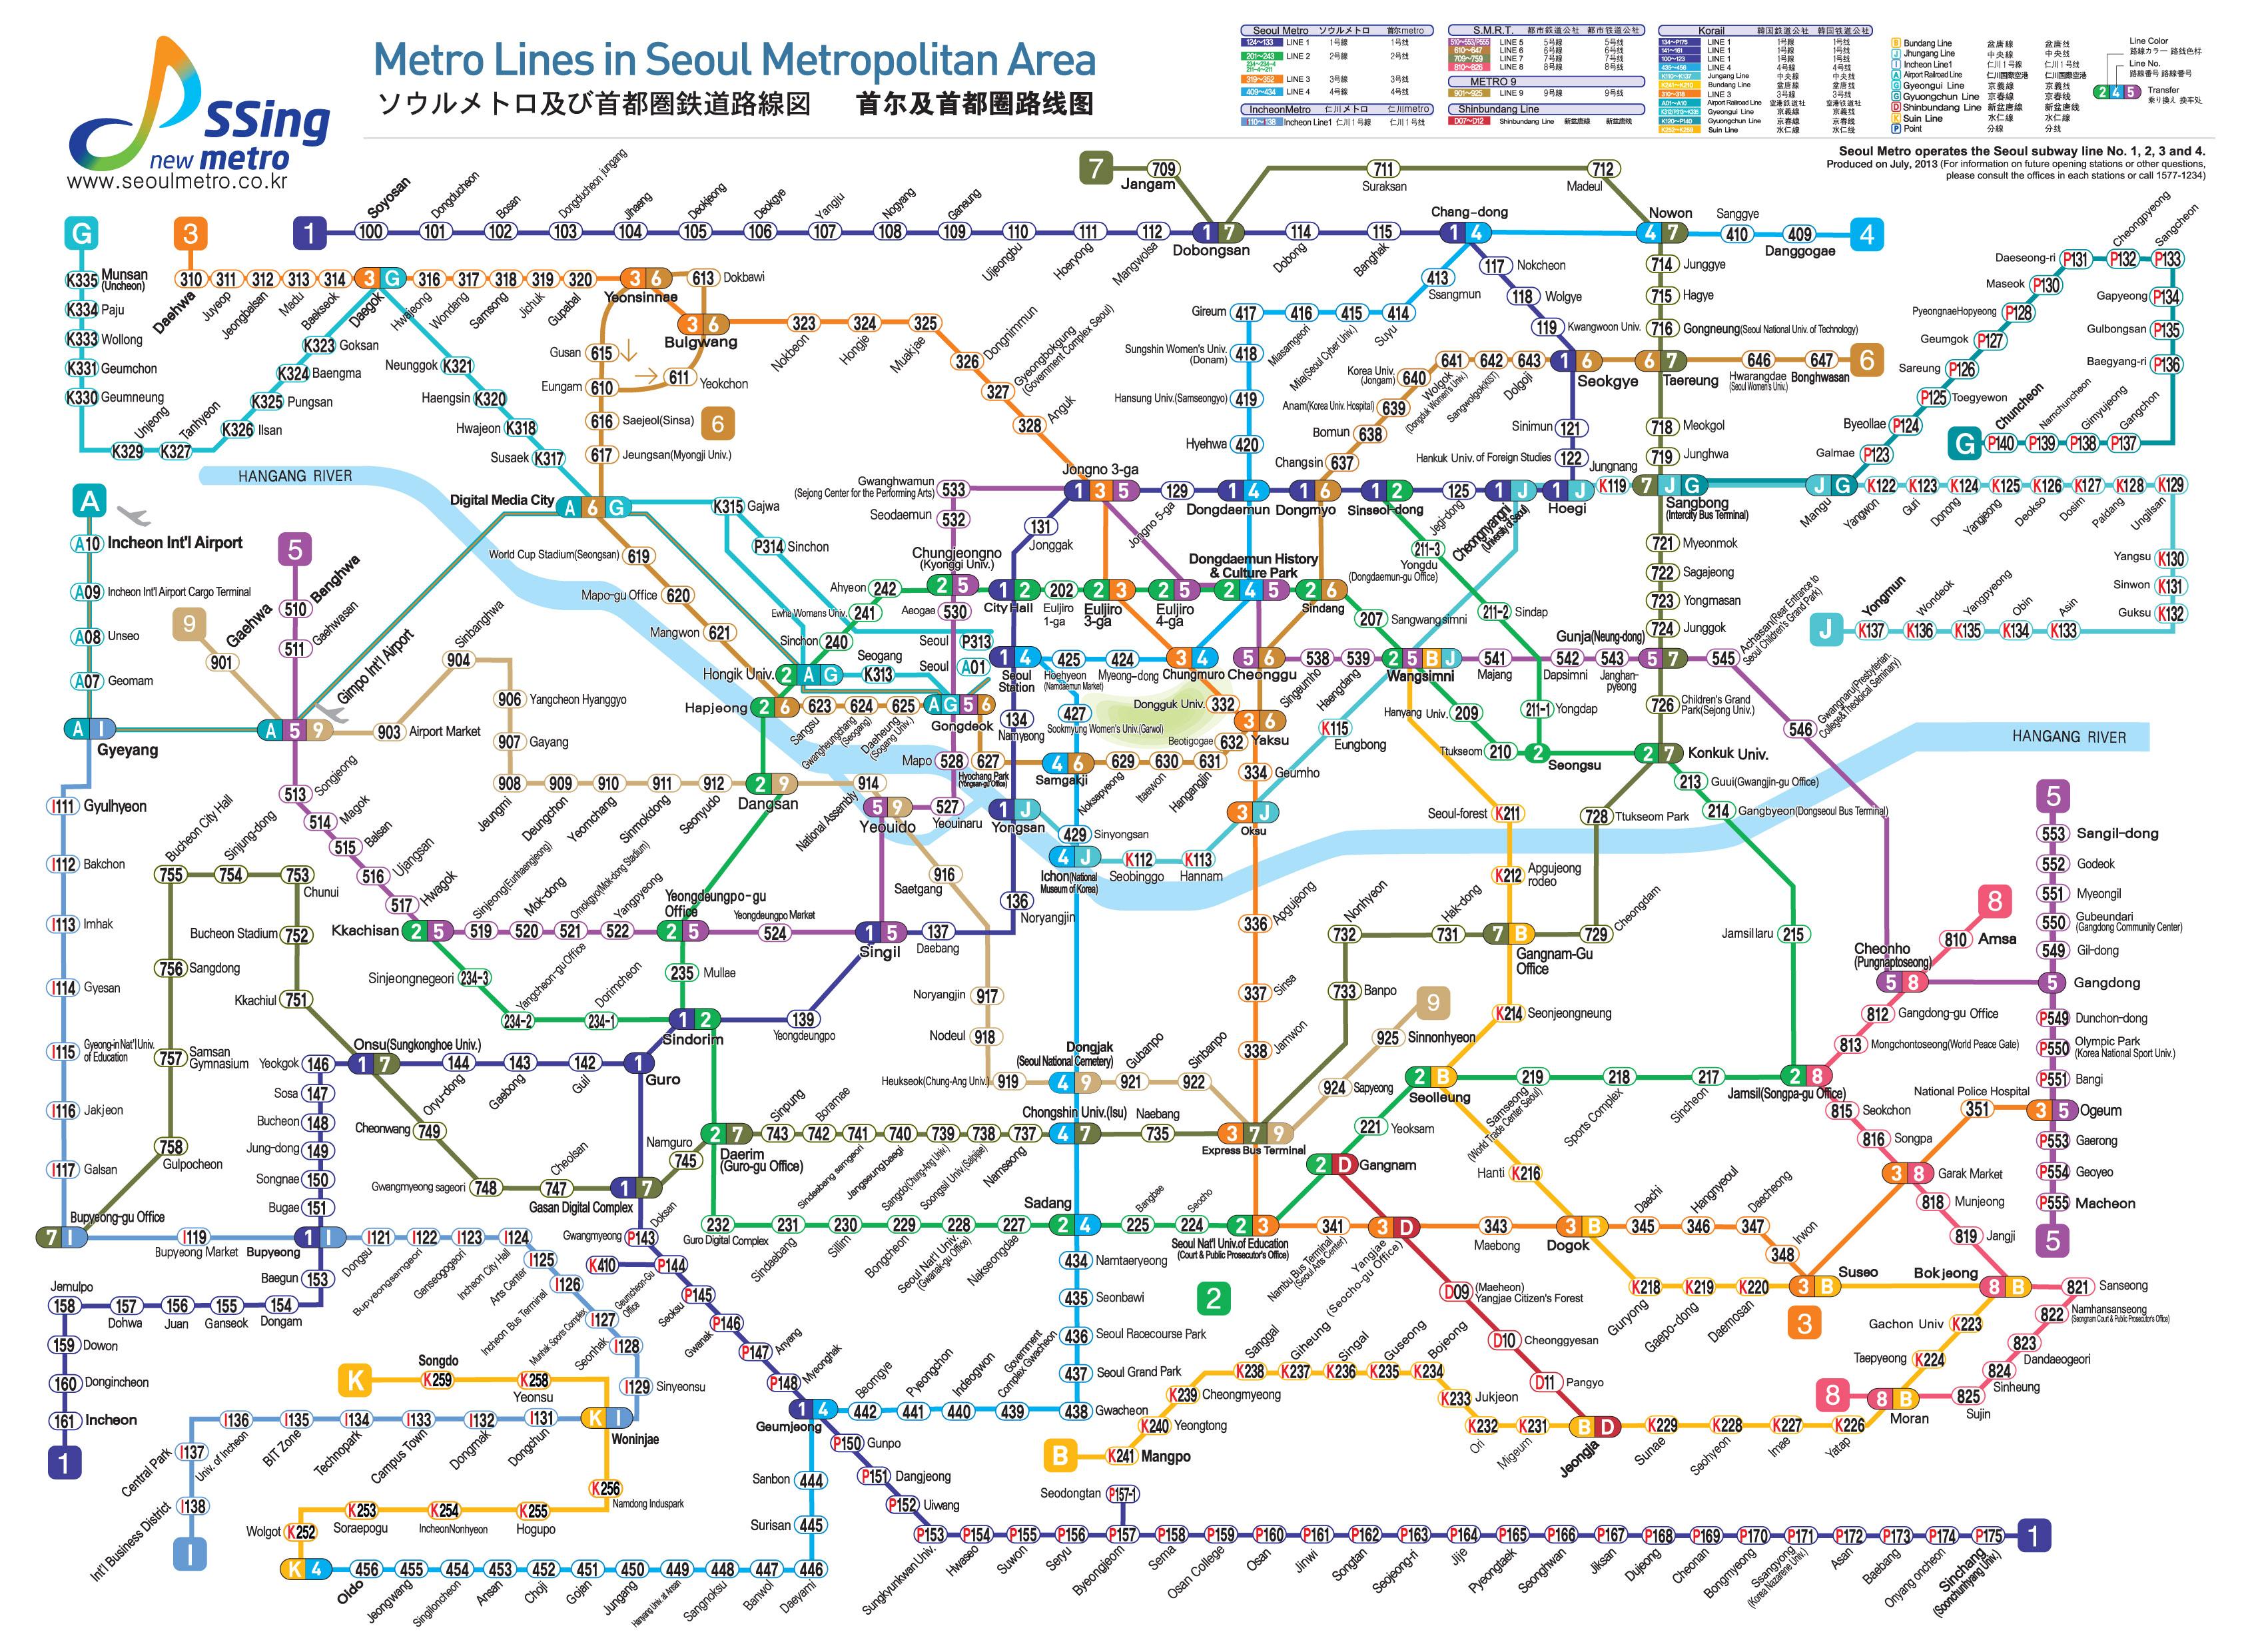 Seoul Subway Map 2014.About Gajakorea